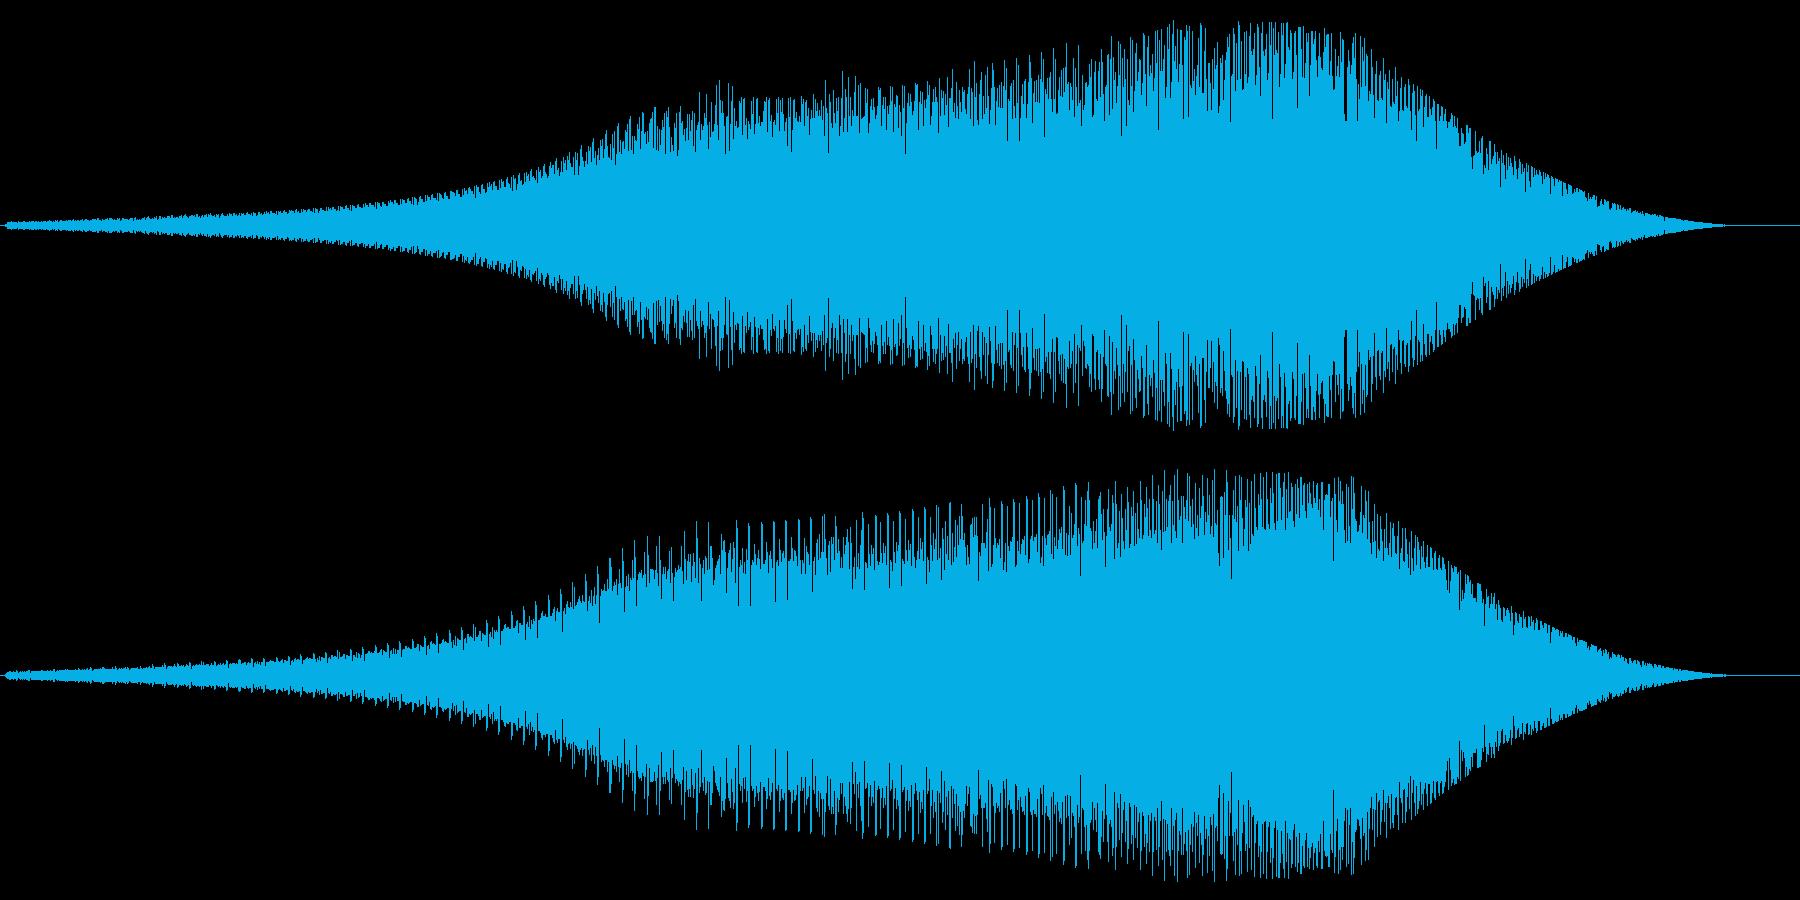 レーザービーム発射(バネのような音)の再生済みの波形